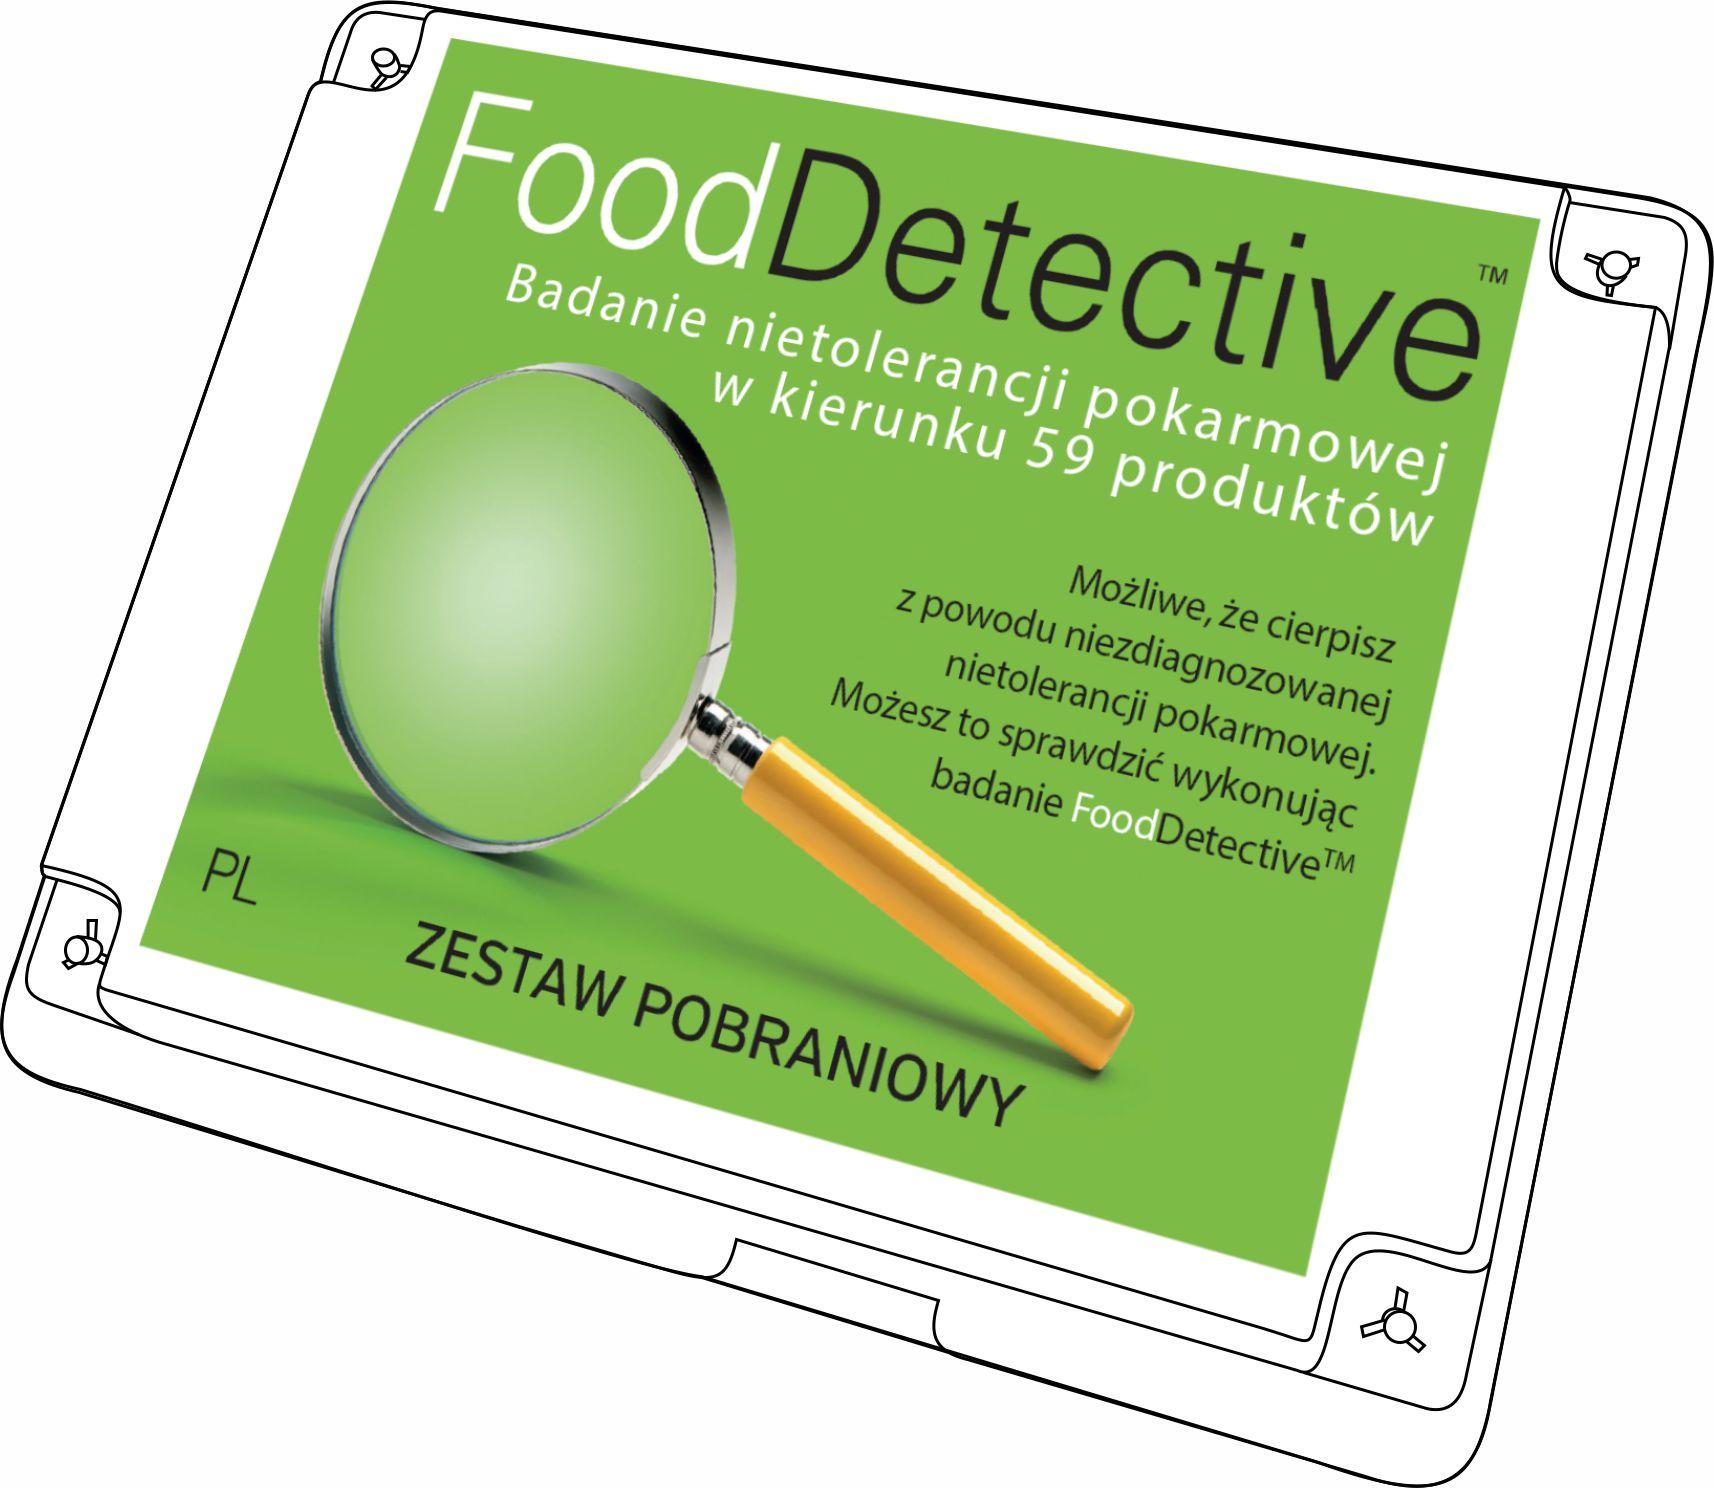 Test-nietolerancja-pokarmowa-FoodDetective-59-produktow